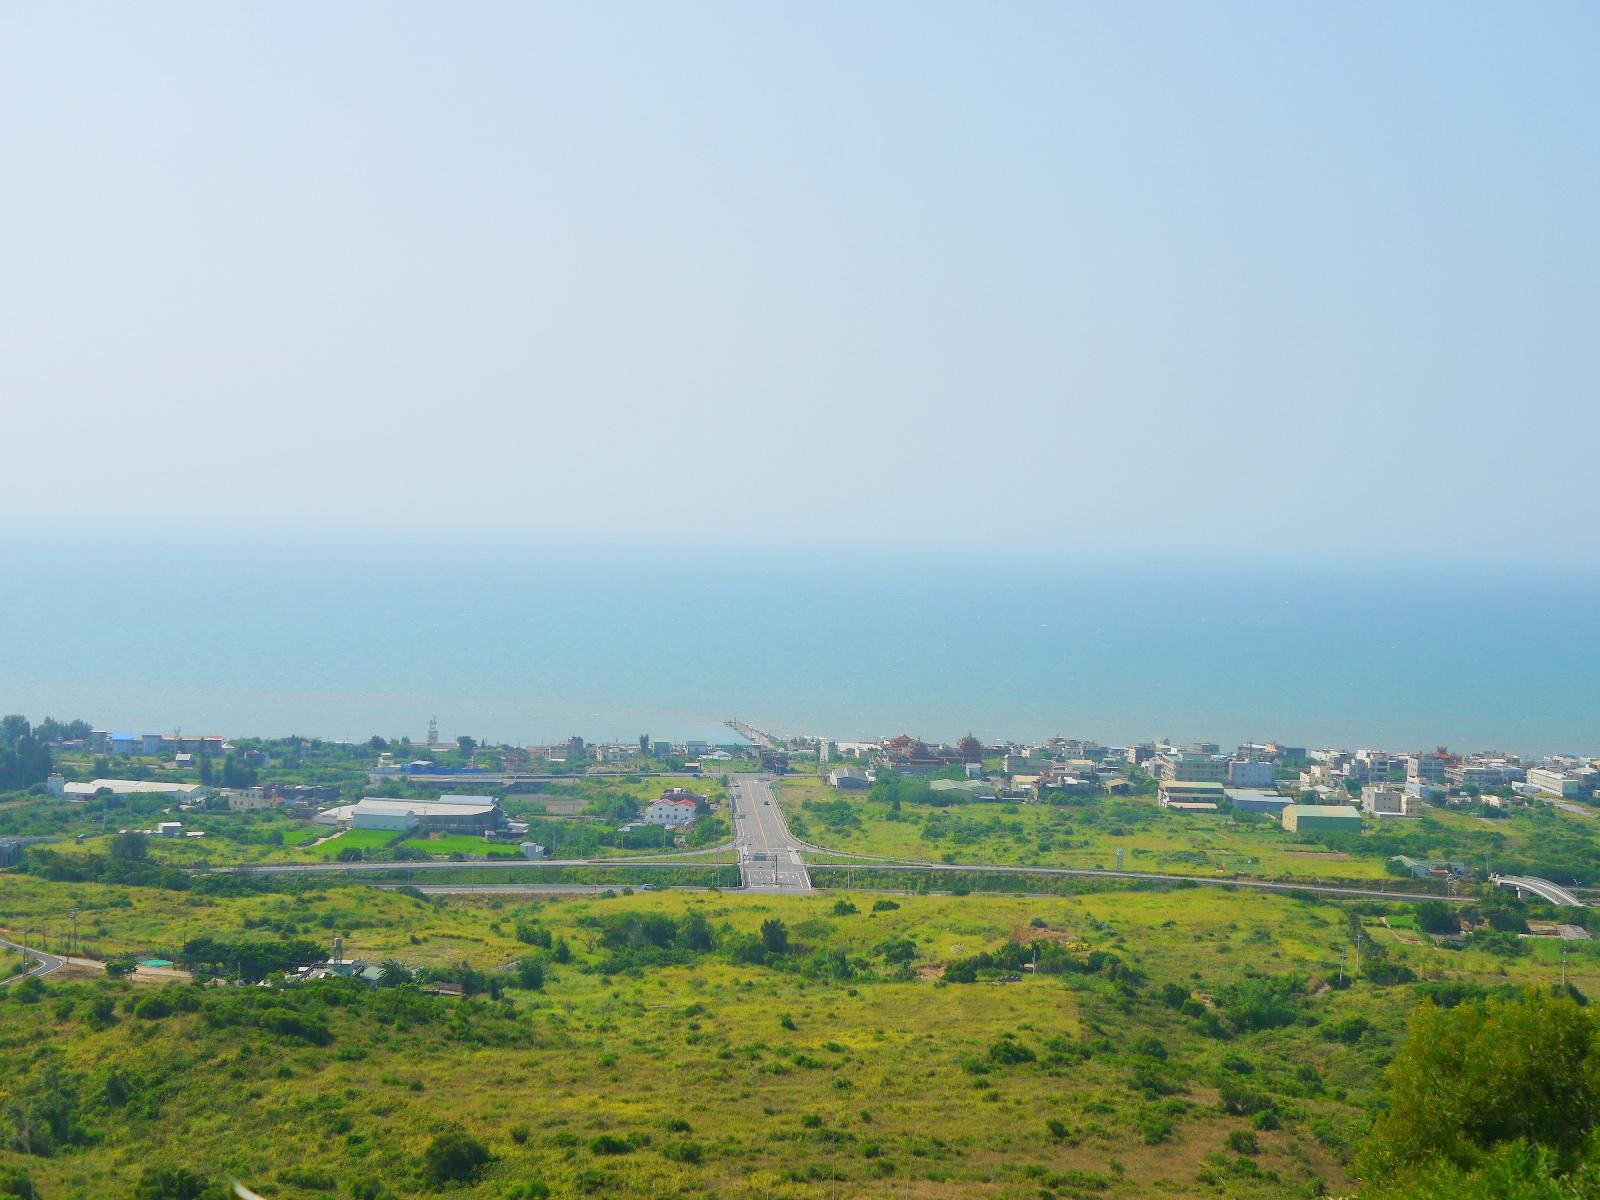 百萬海景   台灣最美海岸線   濱海公路台61線   大草原   背山面海   Seascapes   Tongxiao   Miaoli   一抹和風   巡日旅行攝   RoundtripJp